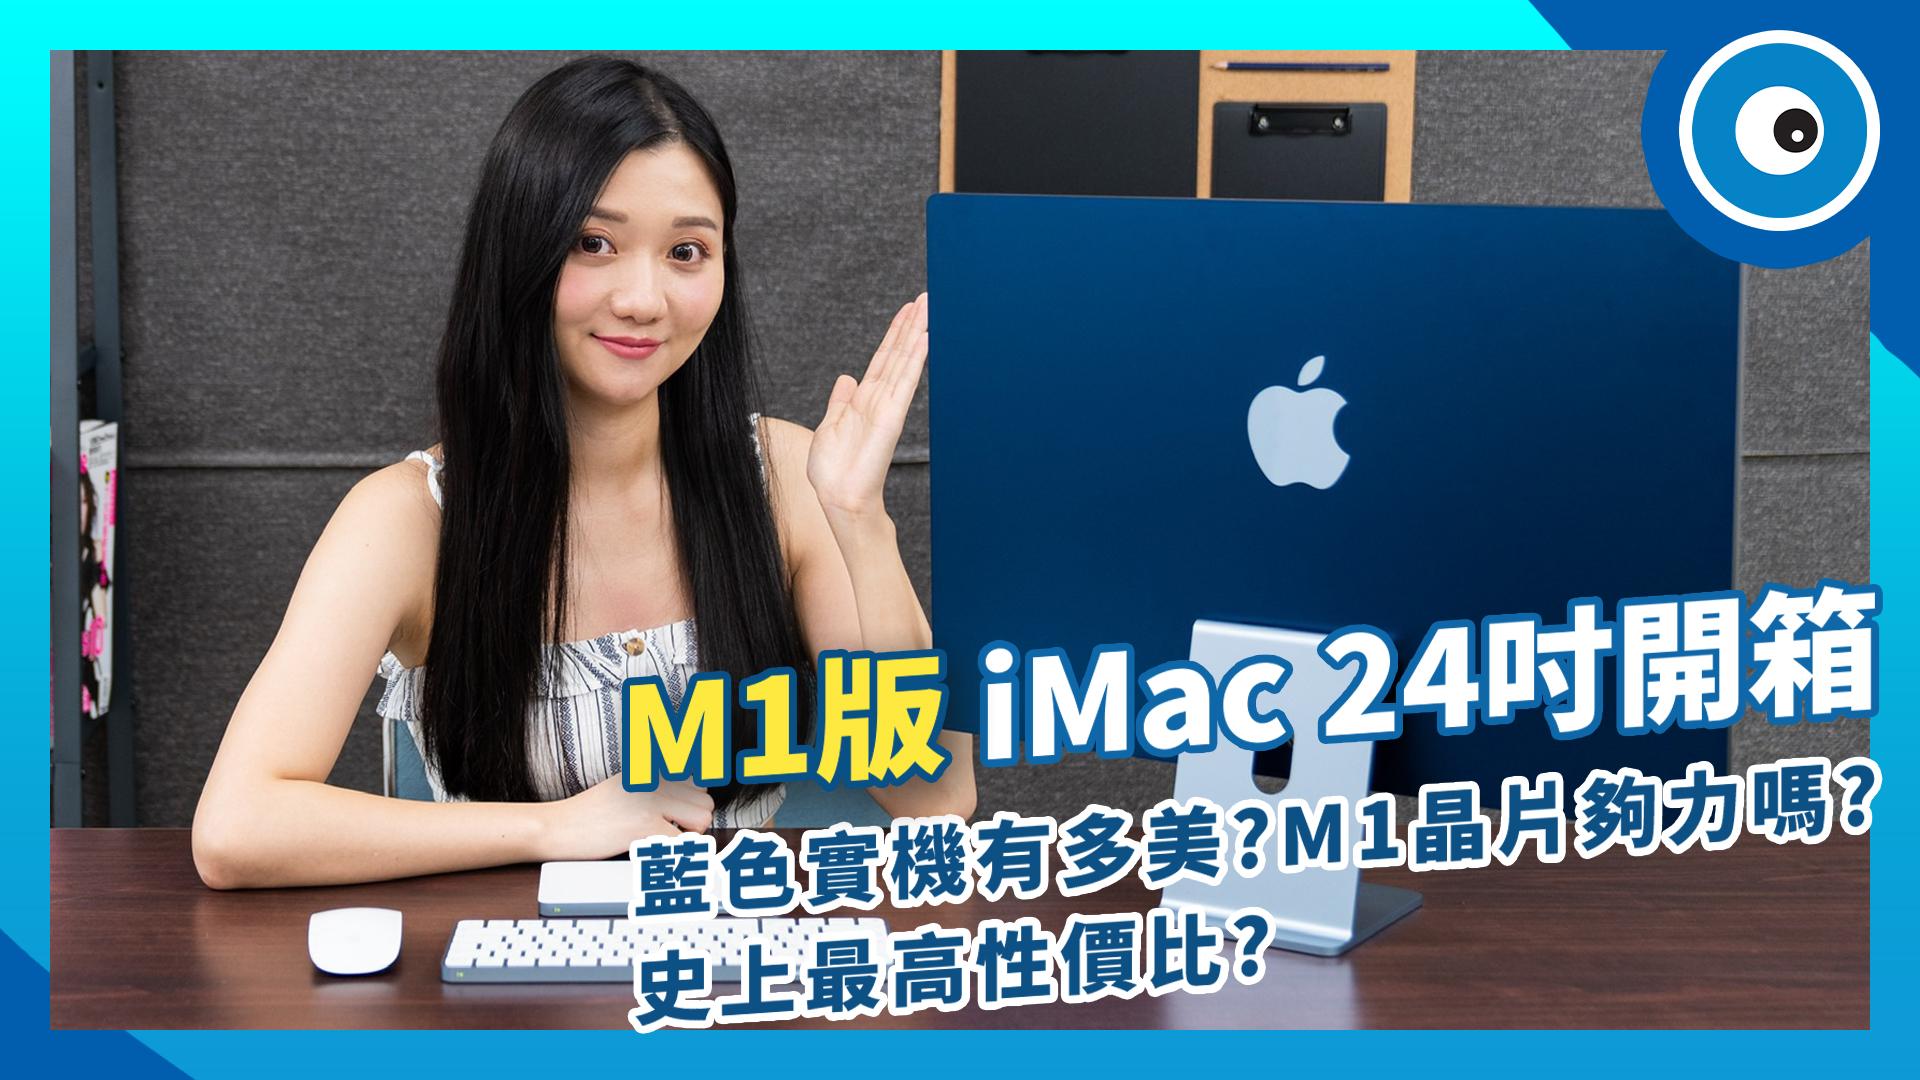 這次我們針對M1版iMac的外觀設計、硬體規格、螢幕/鏡頭/麥克風、聲音表現、效能等進行介紹,同時實際操作Adobe Photoshop和Lightroom進行修圖轉存作業,讓大家了解它各方面的表現。